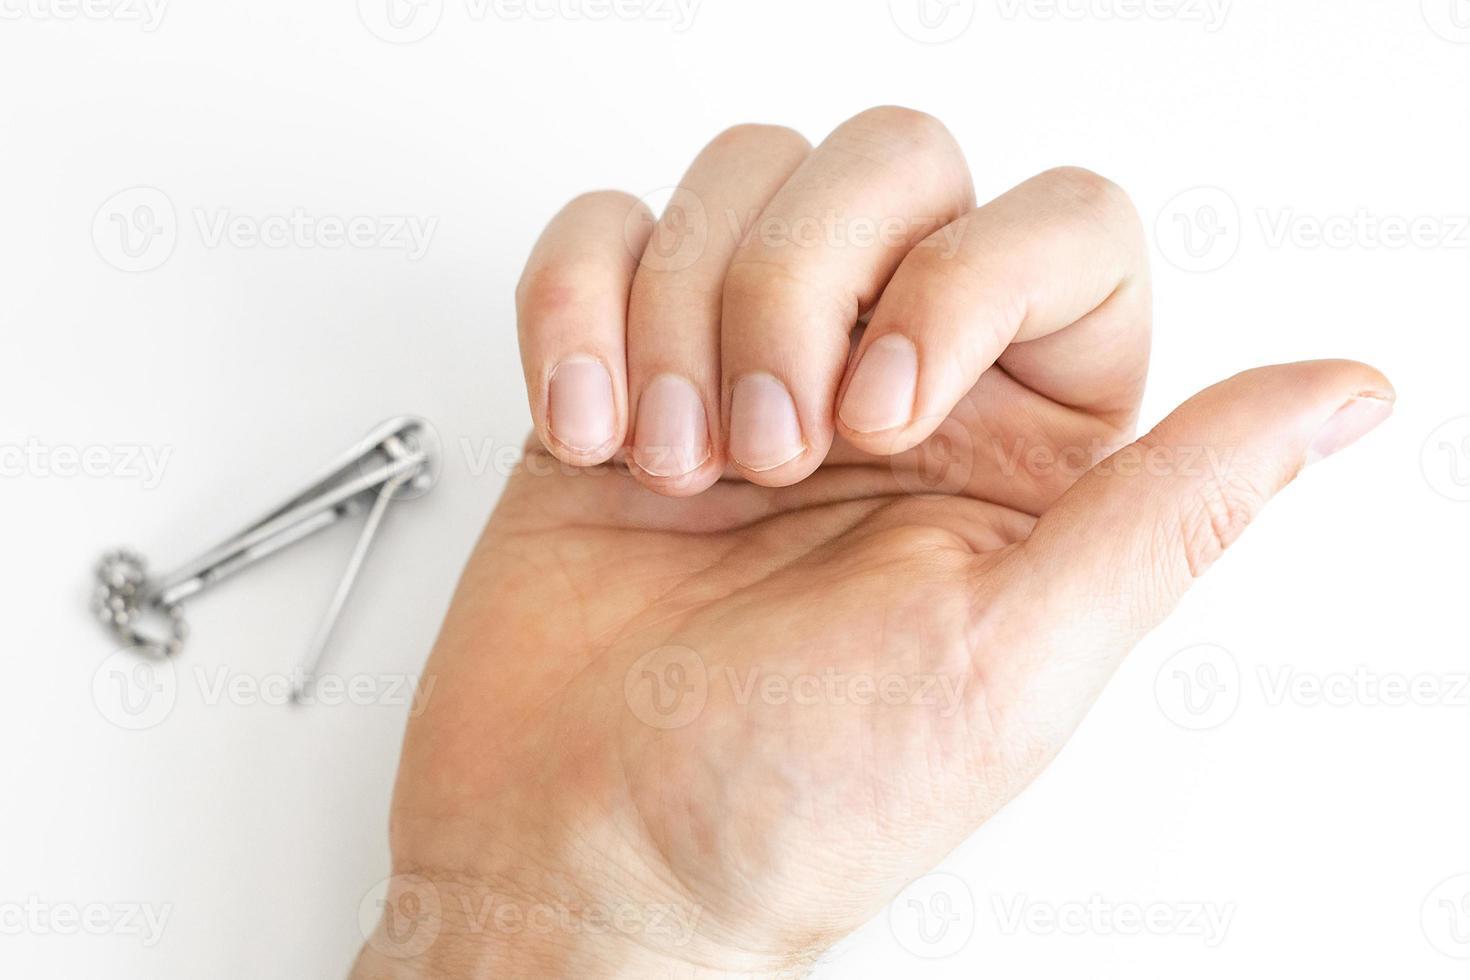 ongles coupés d'un jeune homme photo